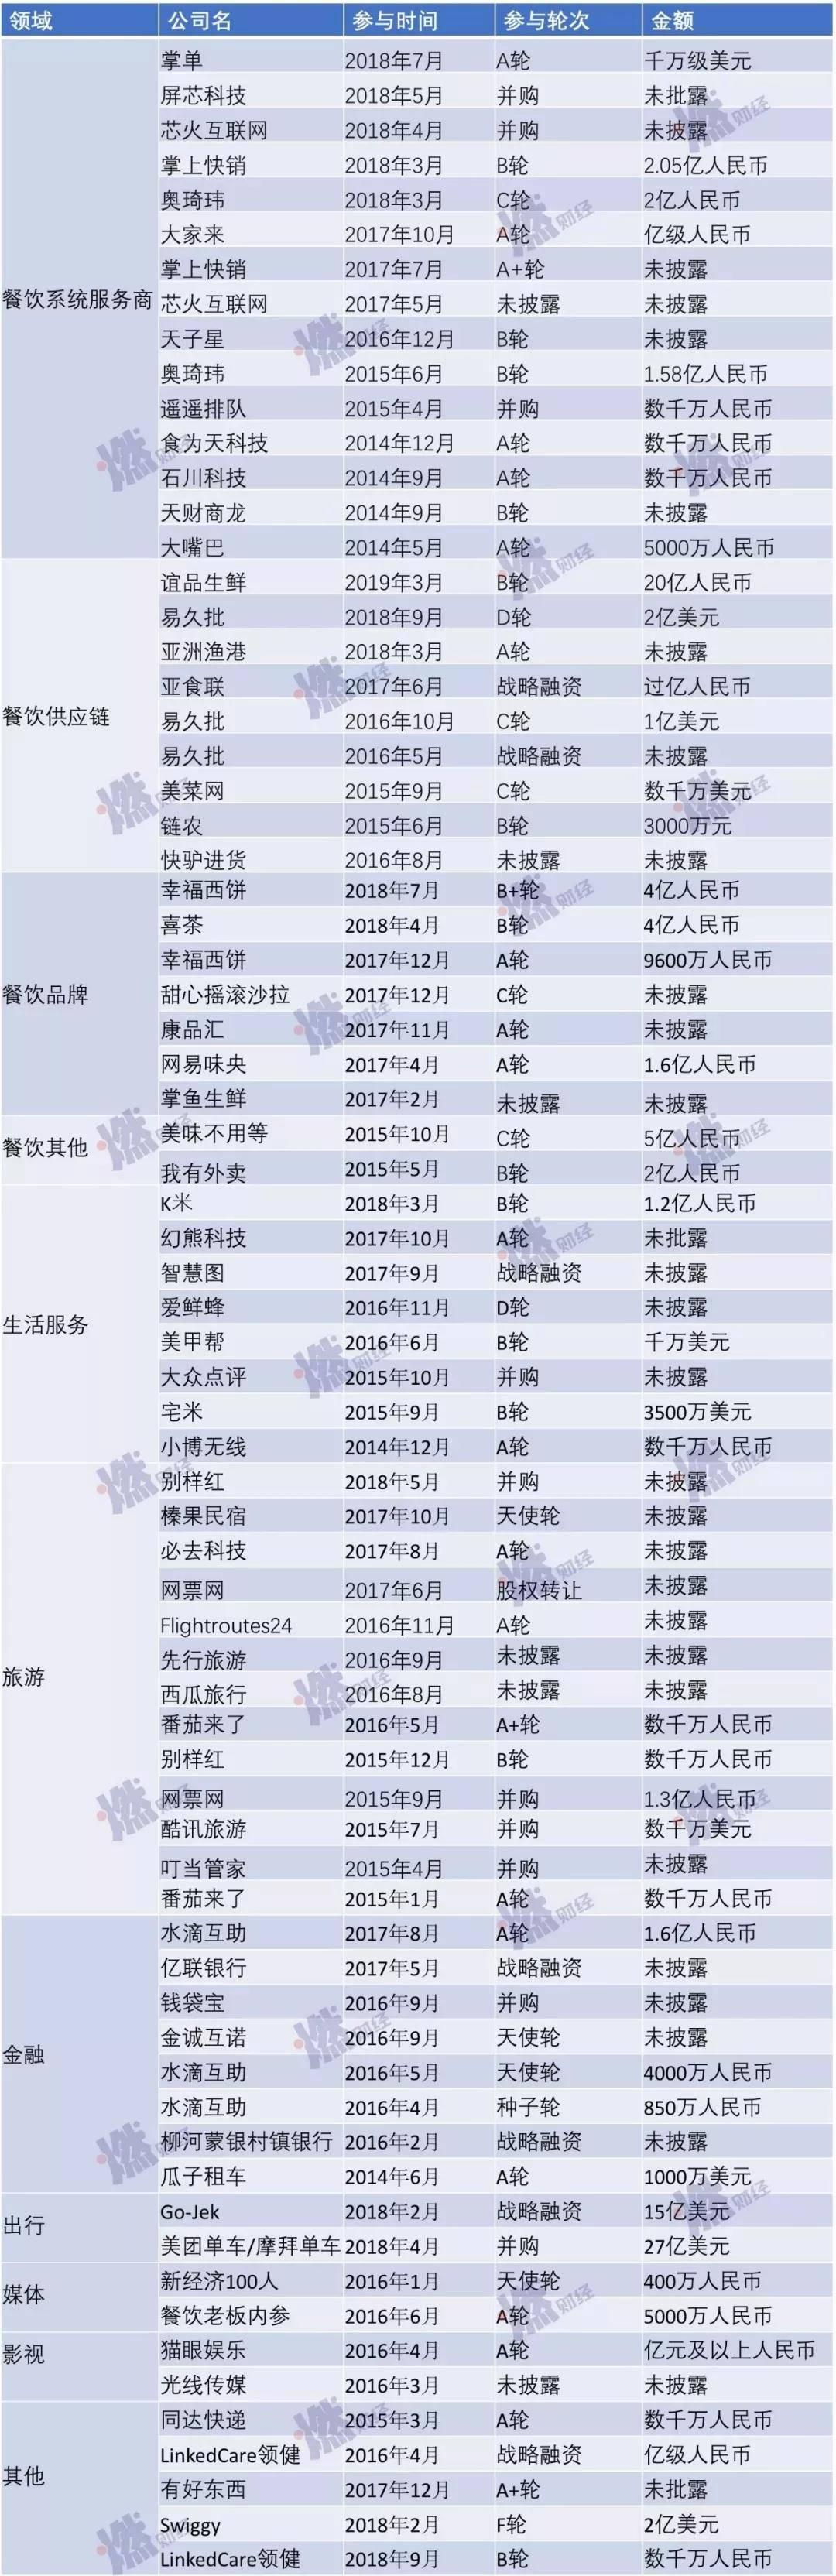 gbm-richtext-upload-1558494714418